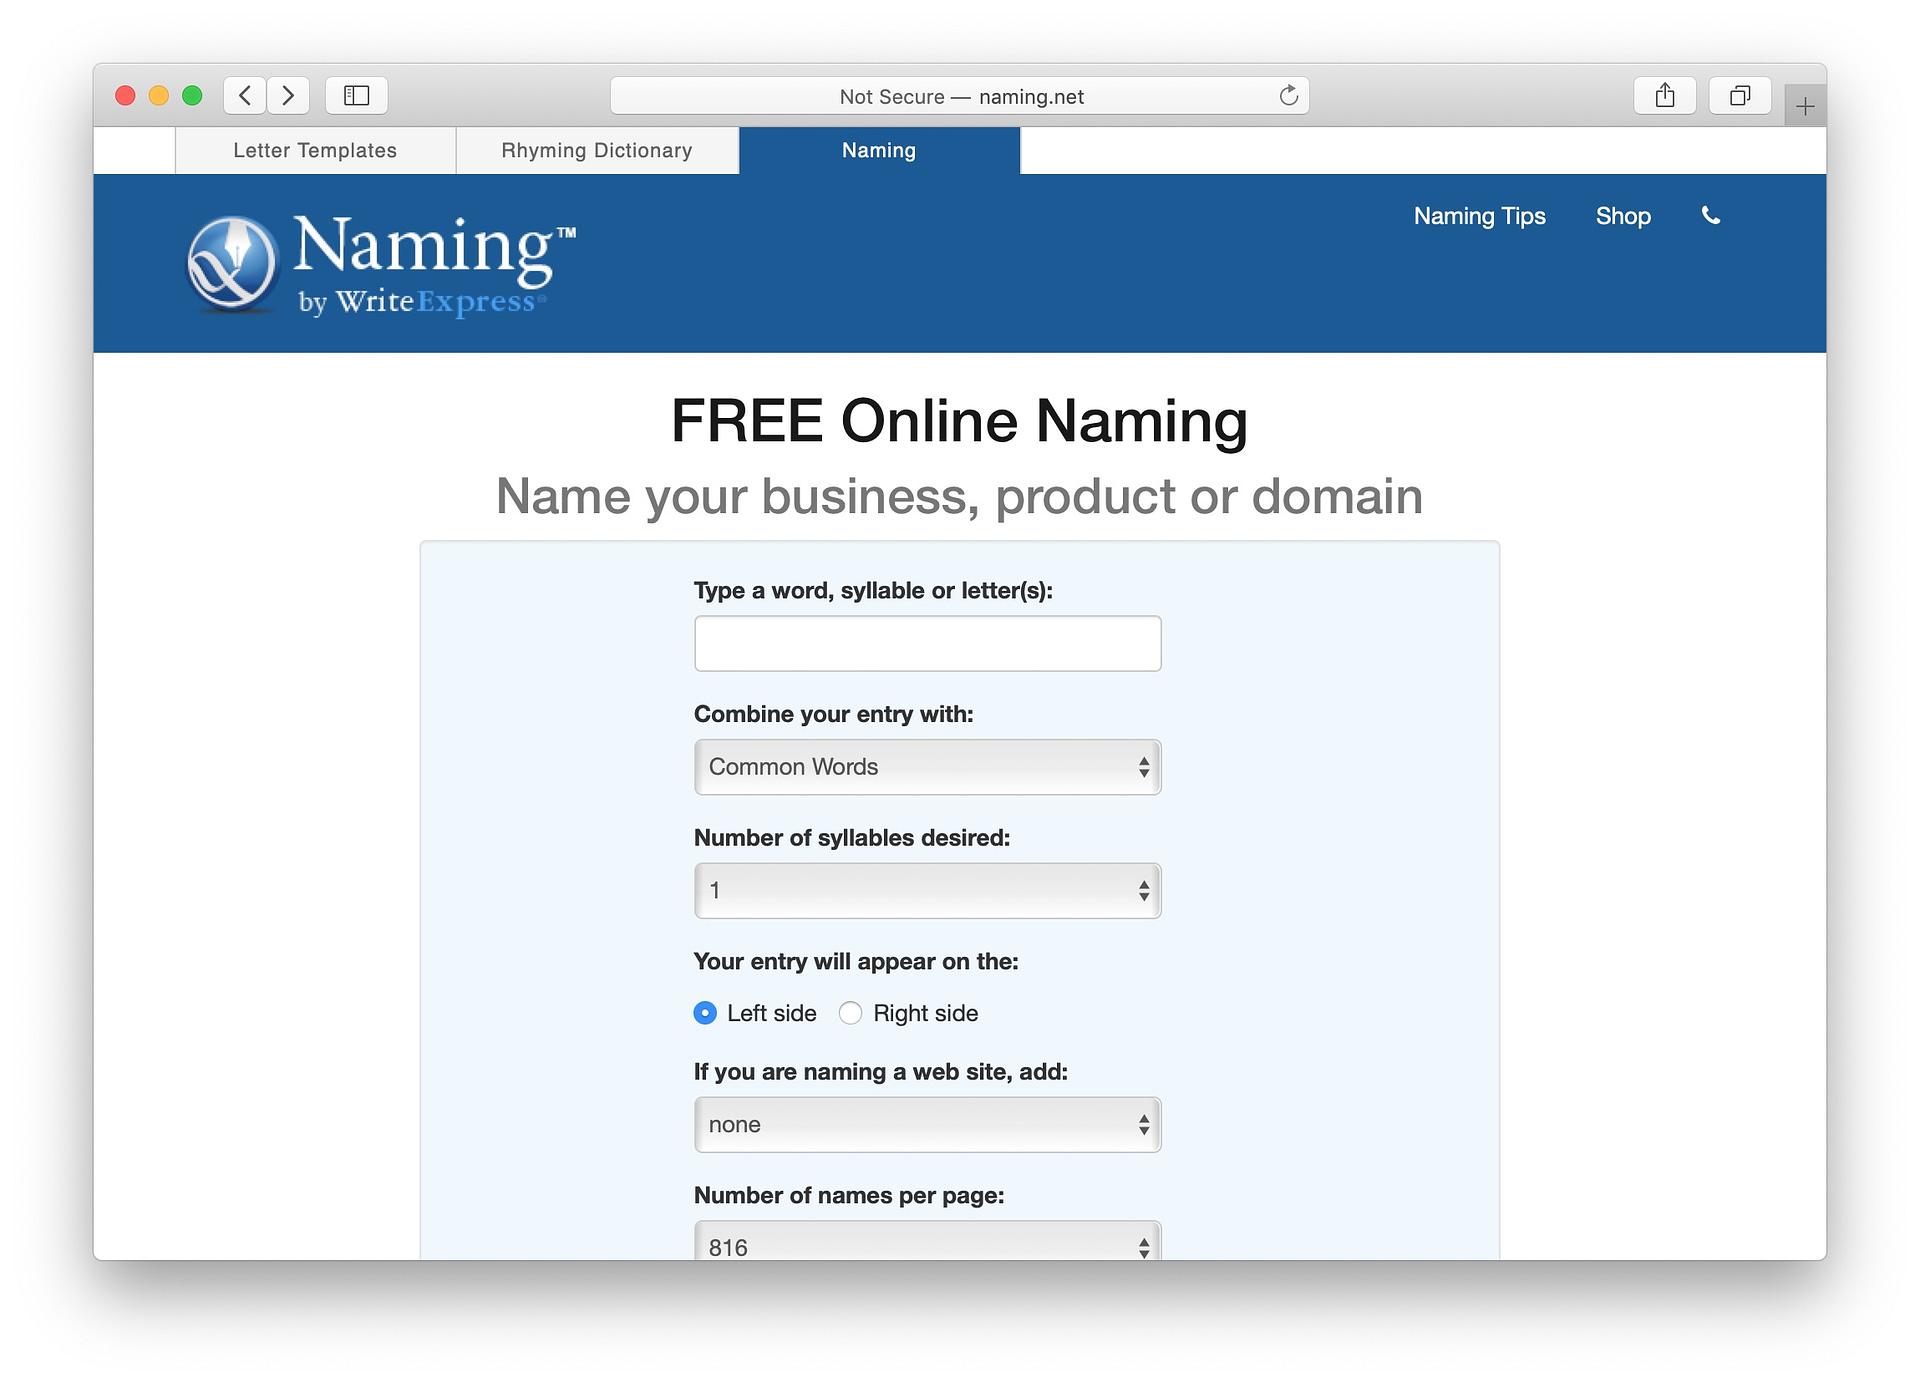 Best free business name generators: Naming